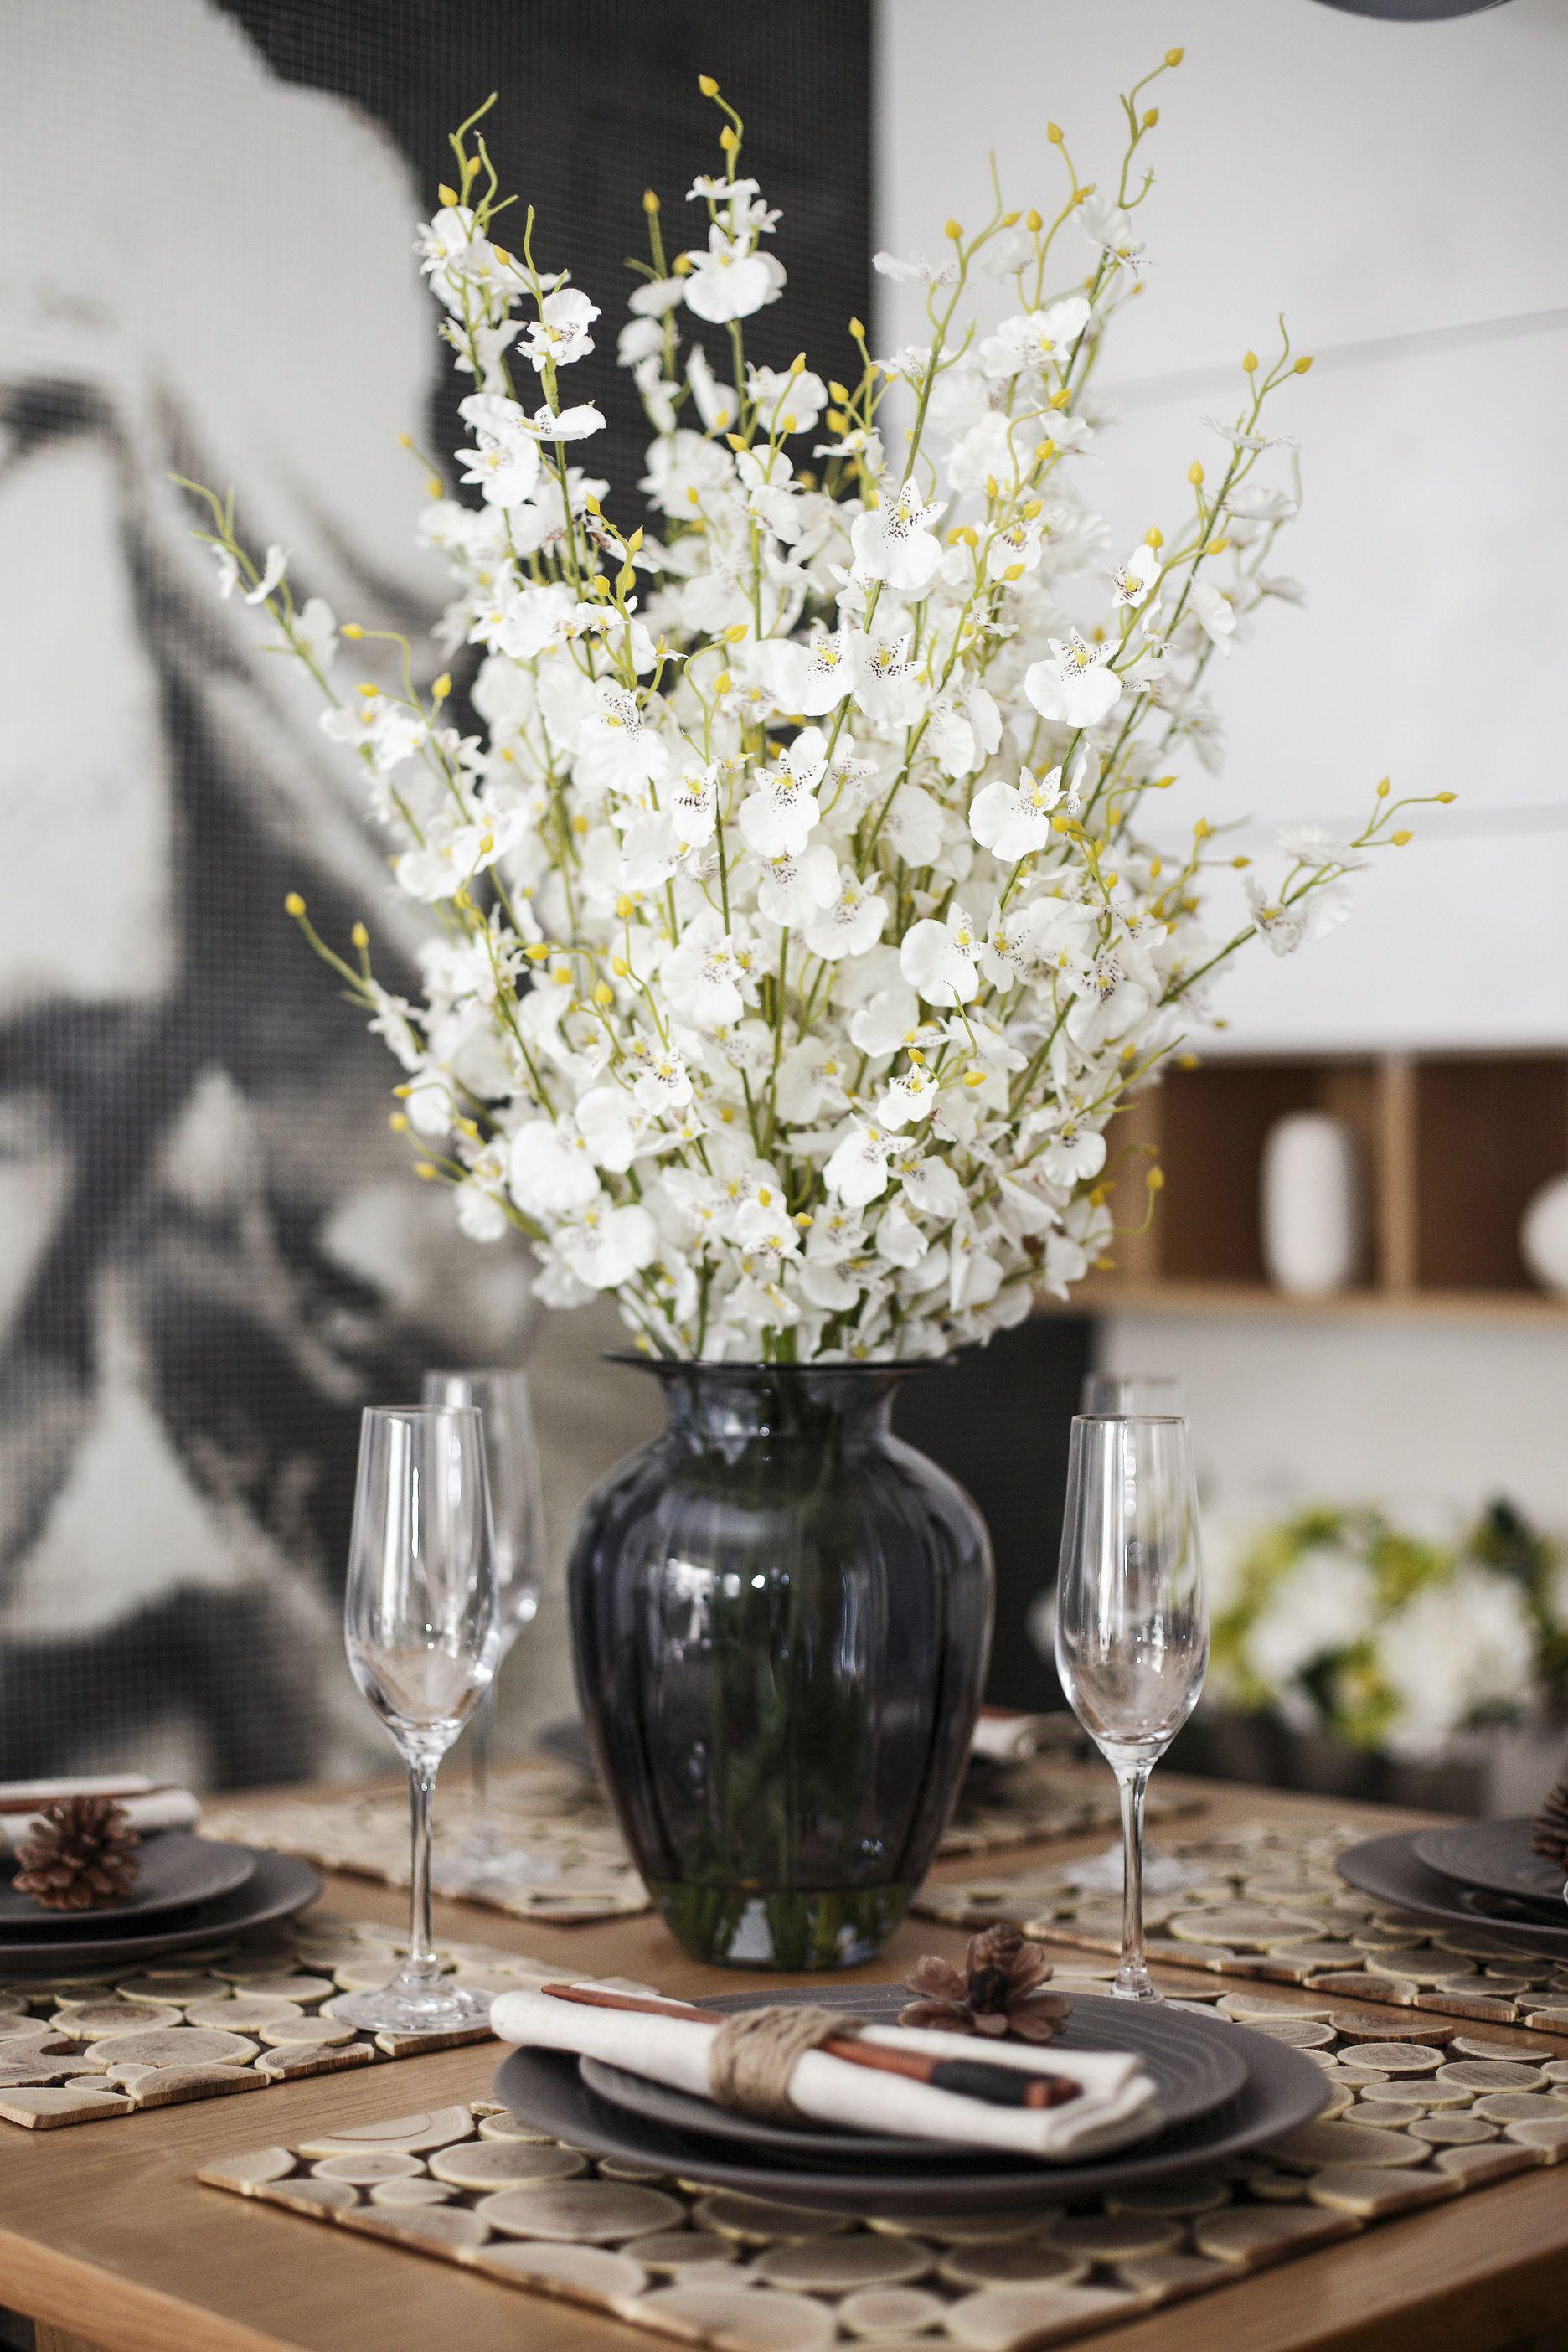 110㎡简约装修装饰花瓶图片